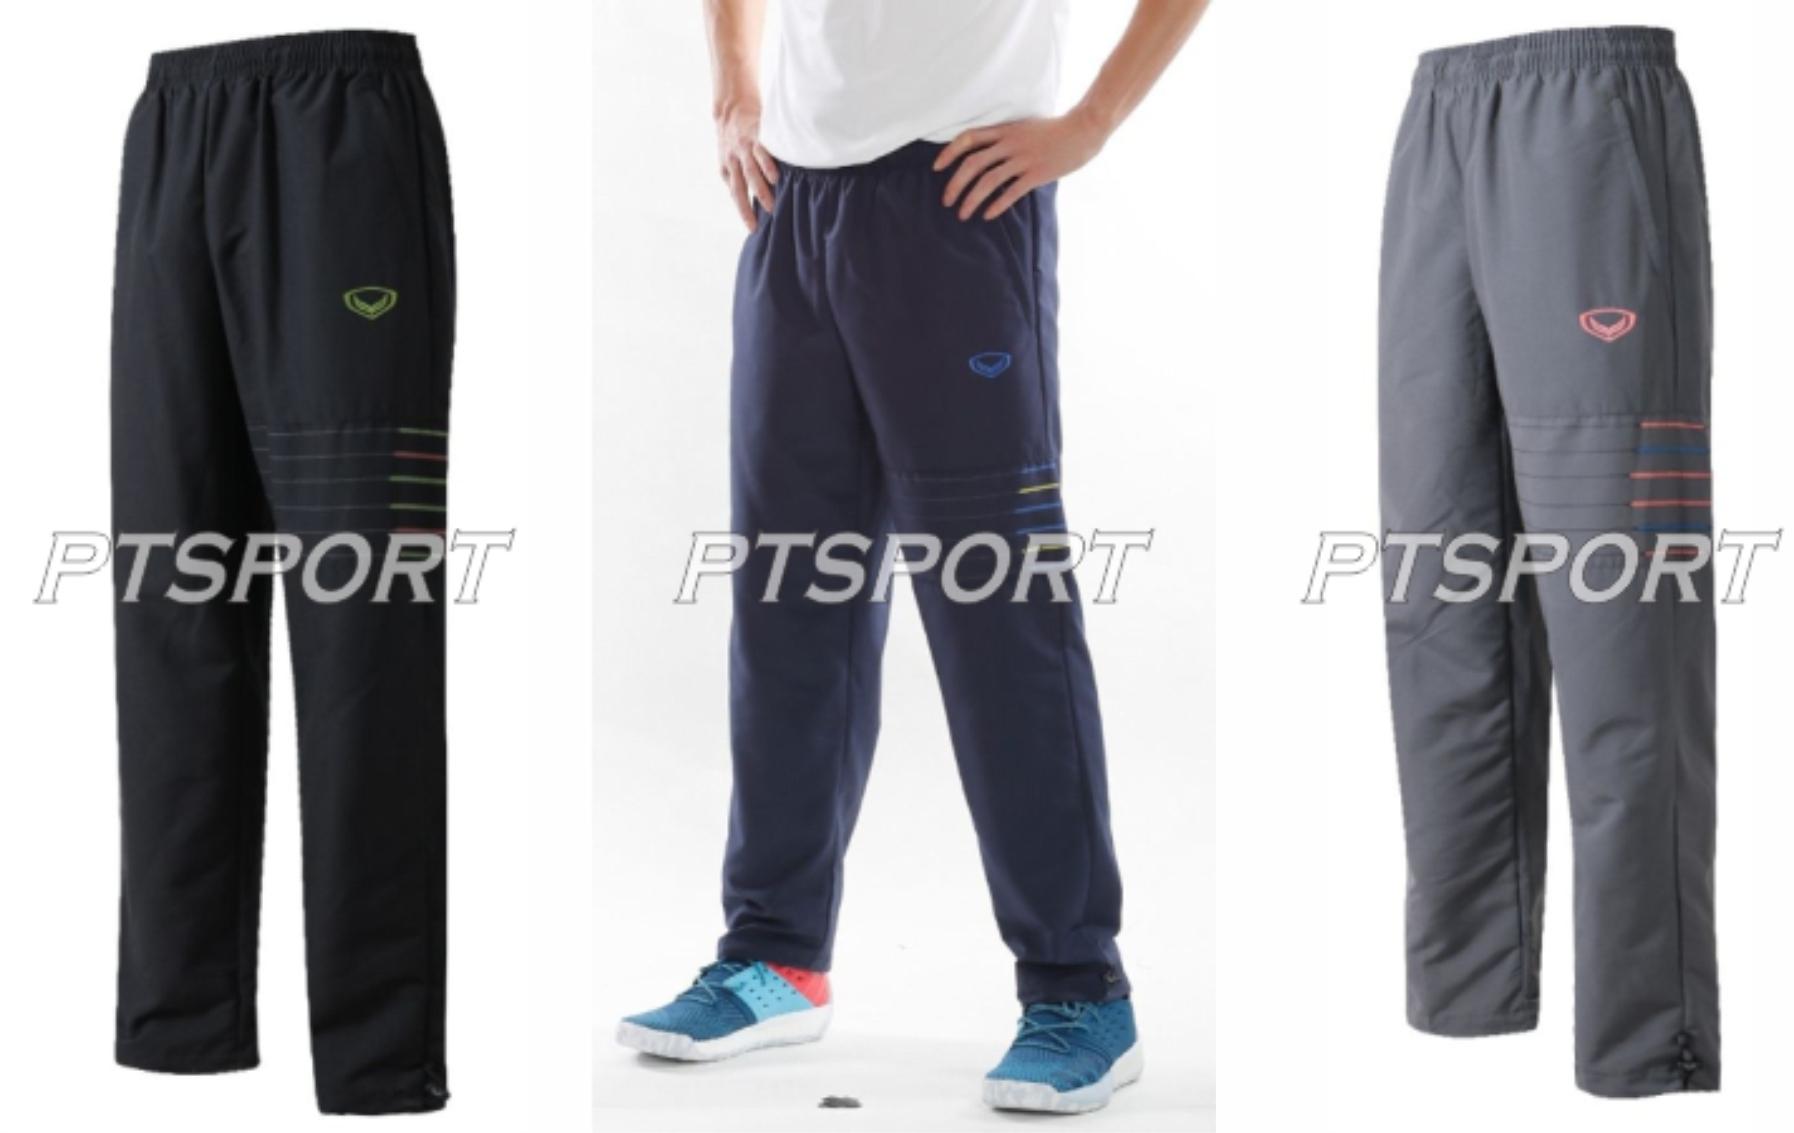 GRAND SPORT กางเกงกีฬา กางเกงผ้าร่มขาปล่อย กางเกงแทร็คสูท 010-199